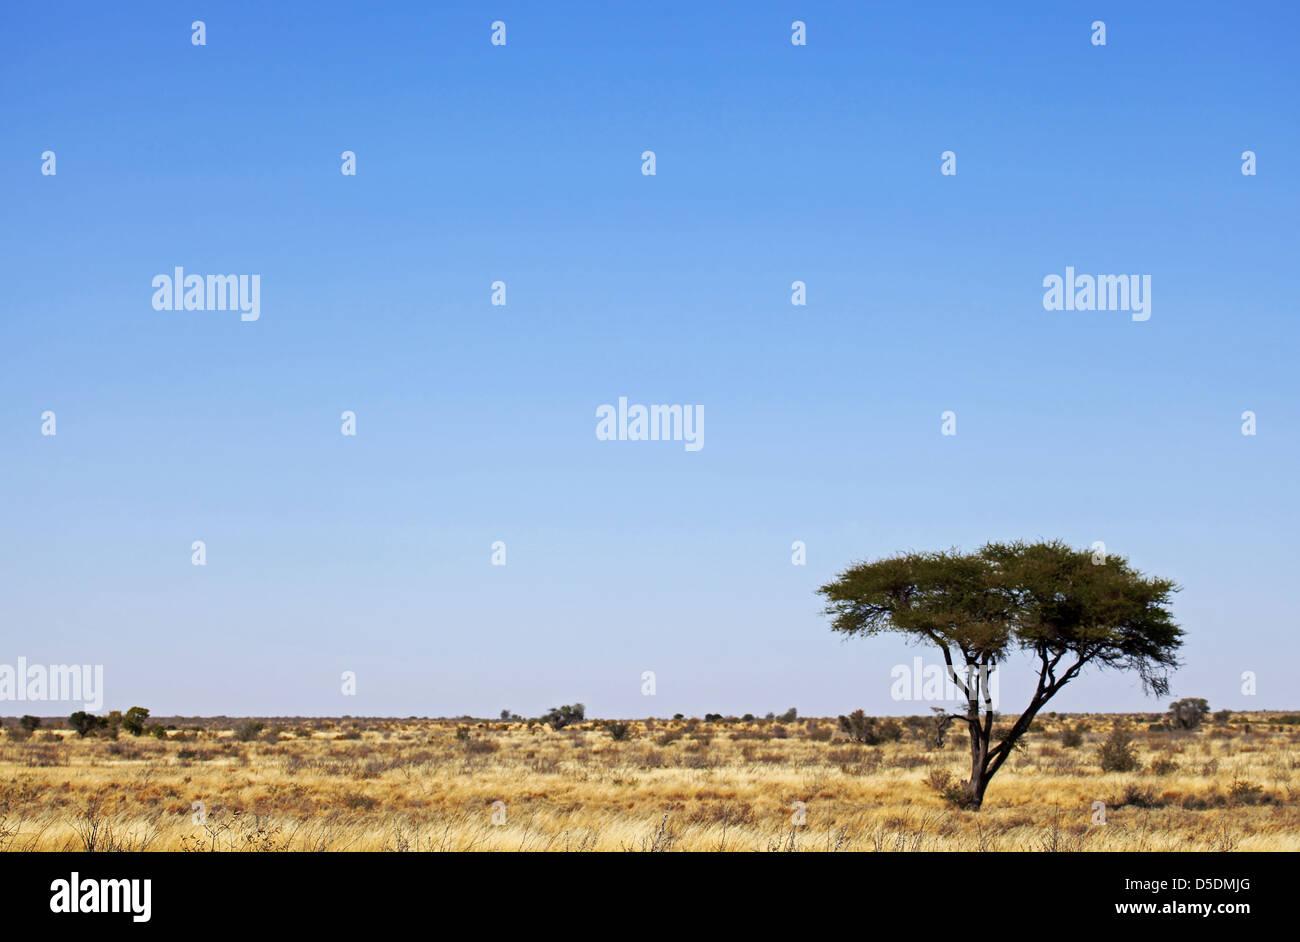 landscape in Central Kalahari Game Reserve, Botsuana - Stock Image